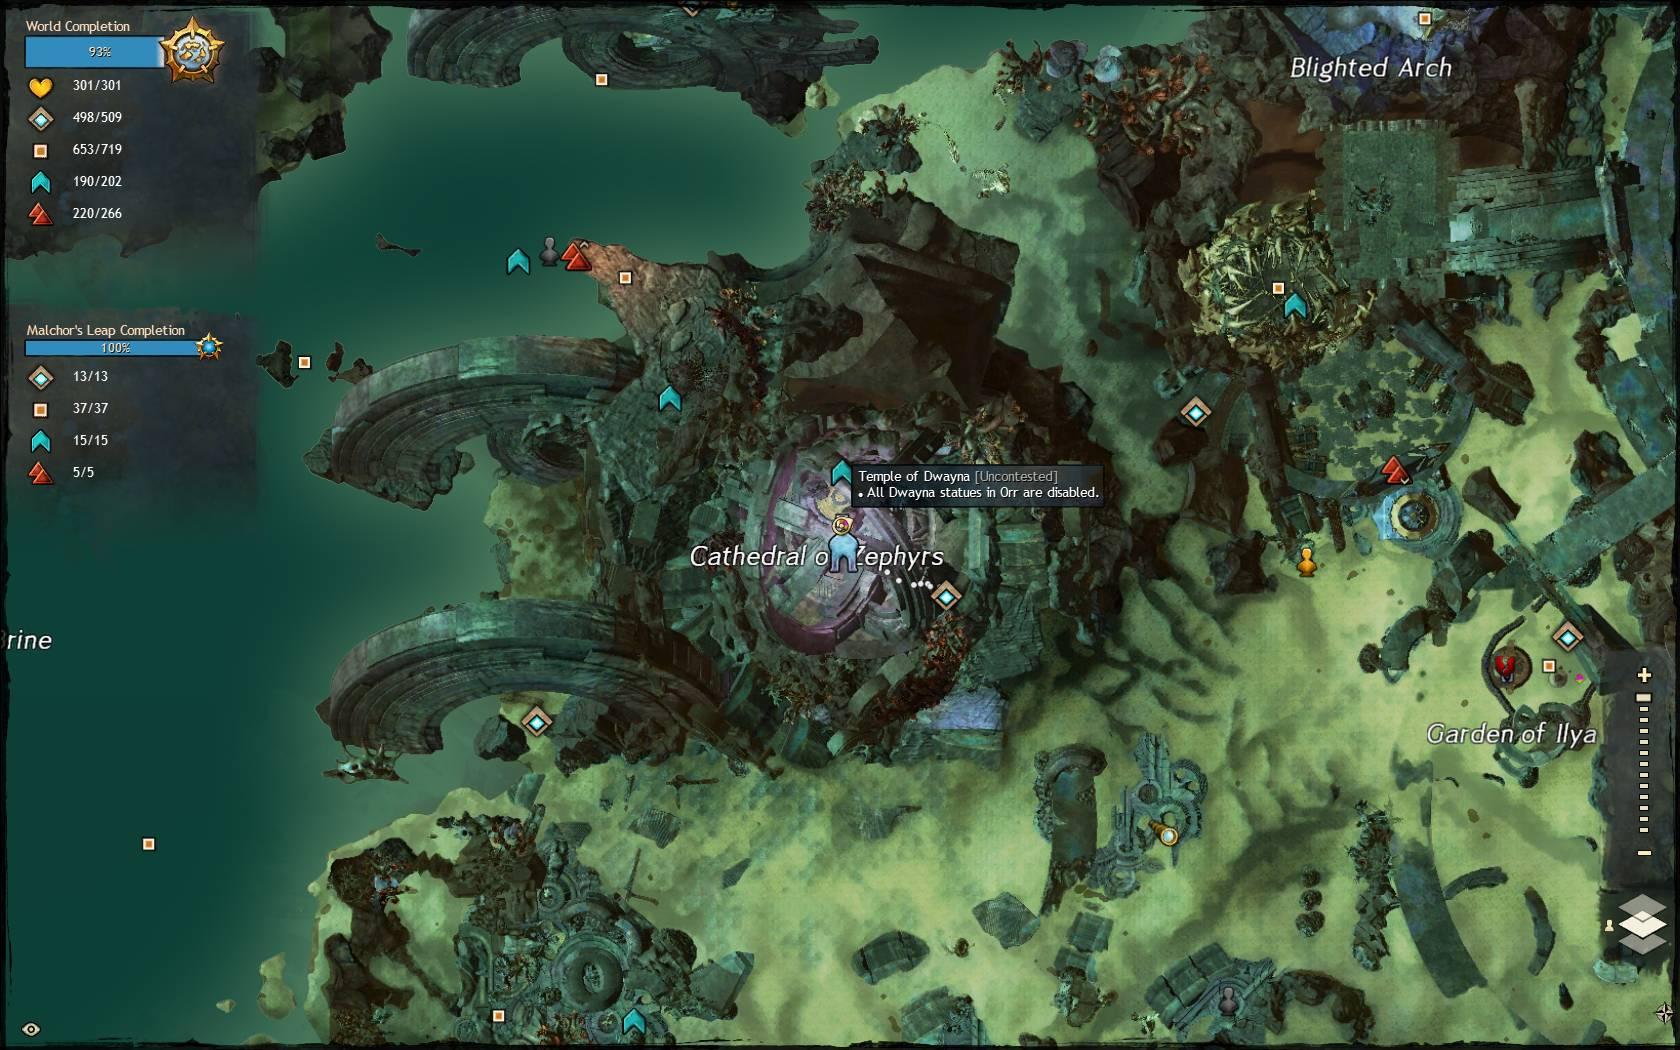 GW2 New Temple Exotics - Guild Wars 2 Life